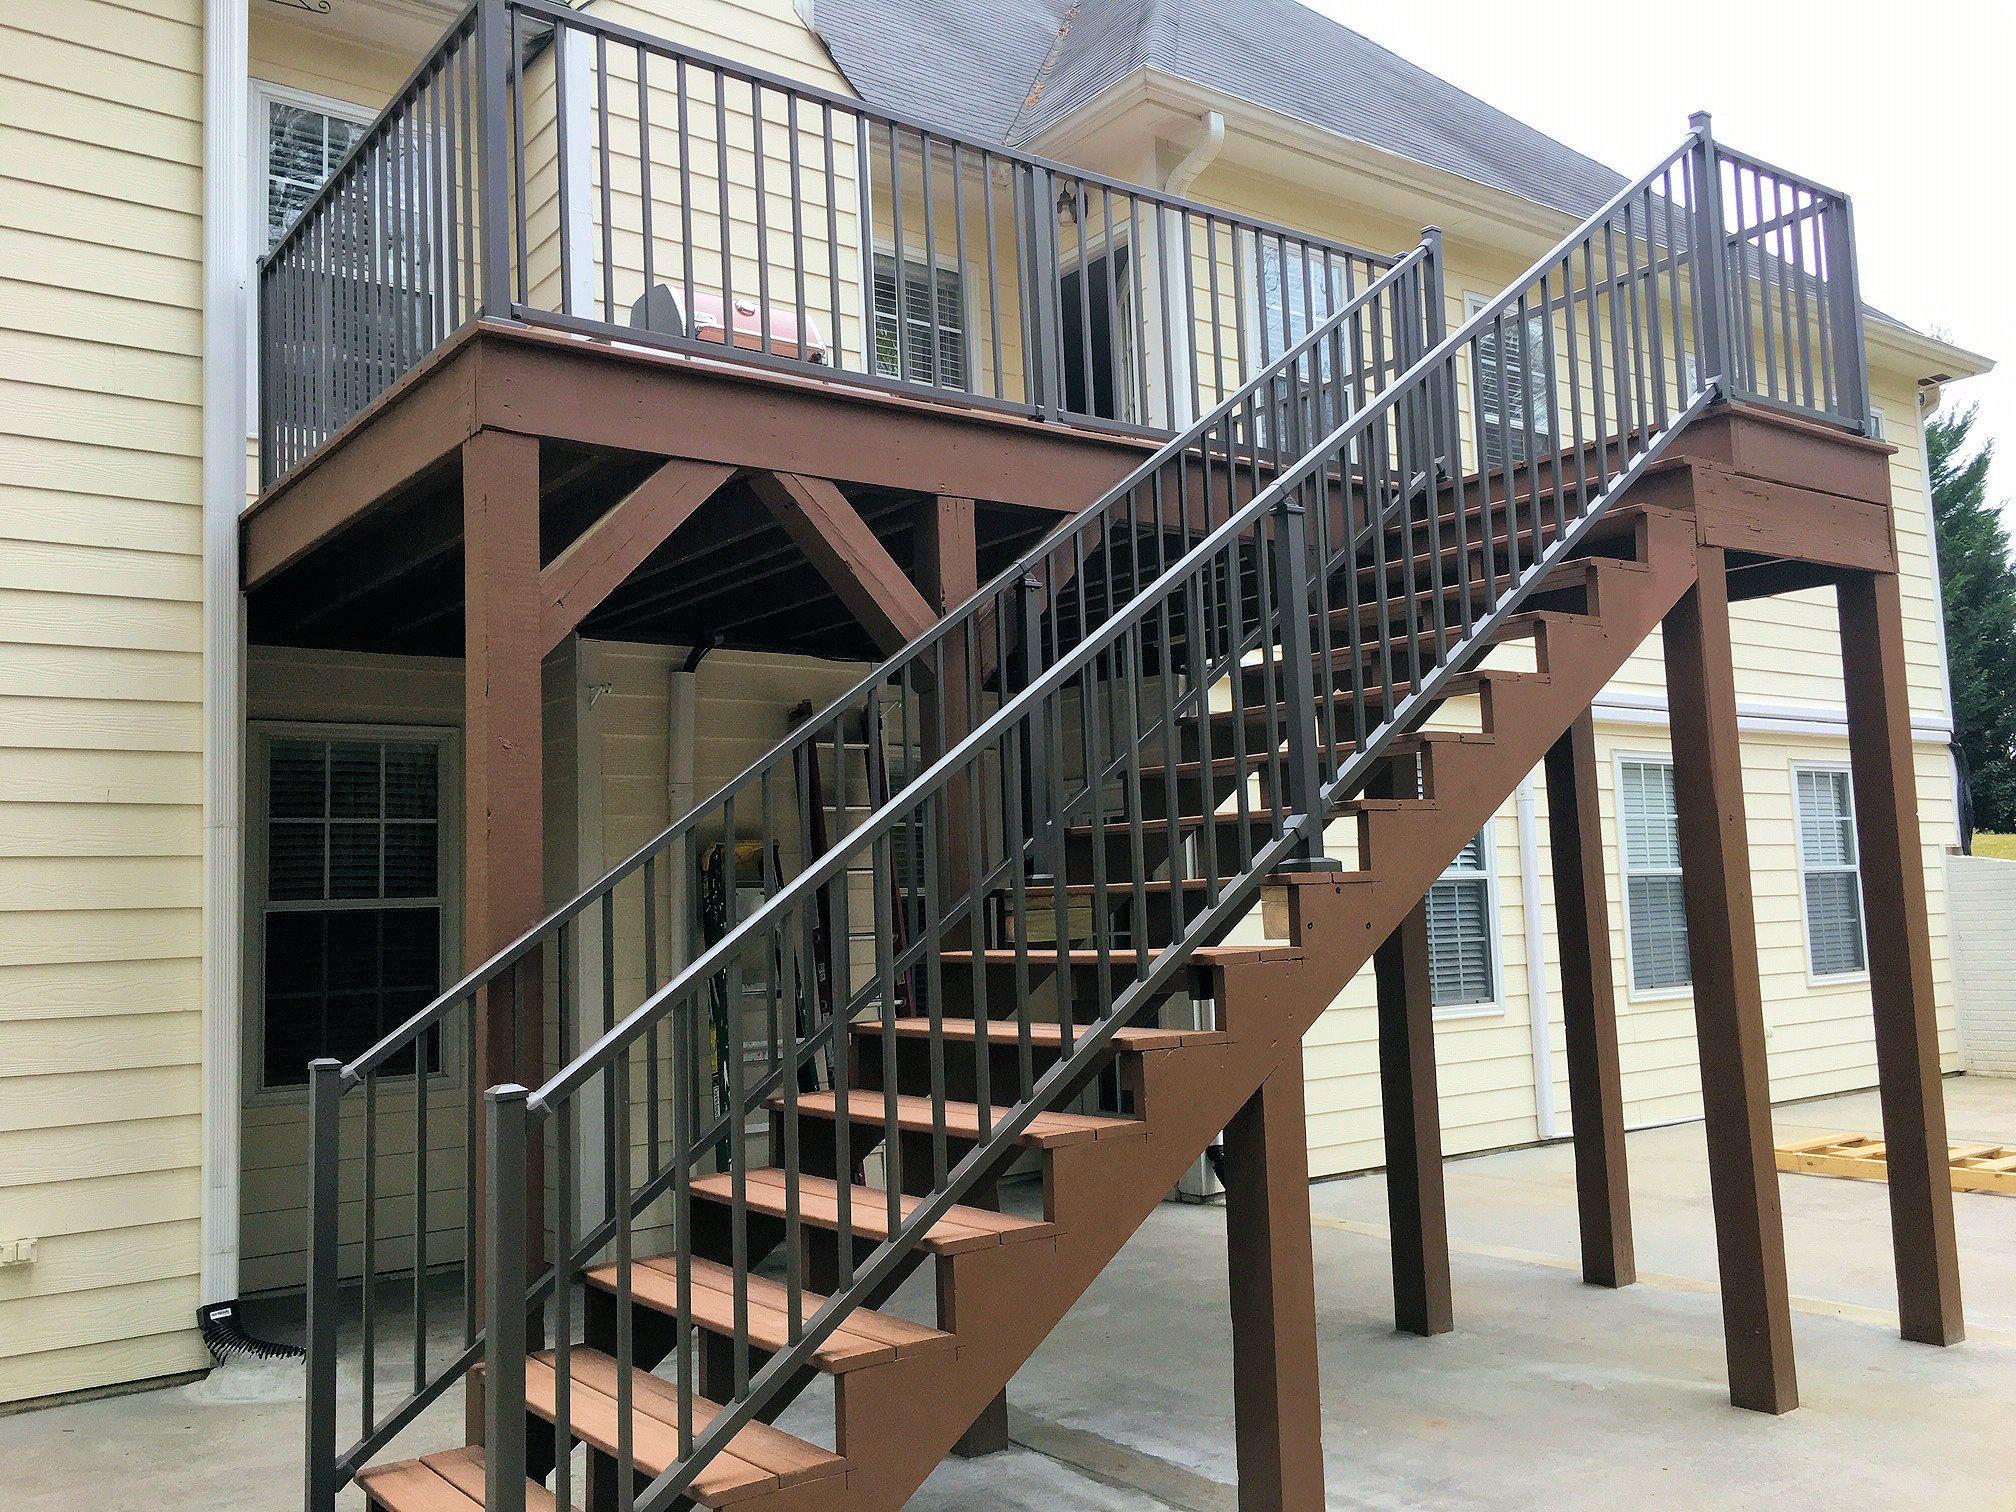 westbury tuscany aluminum railing